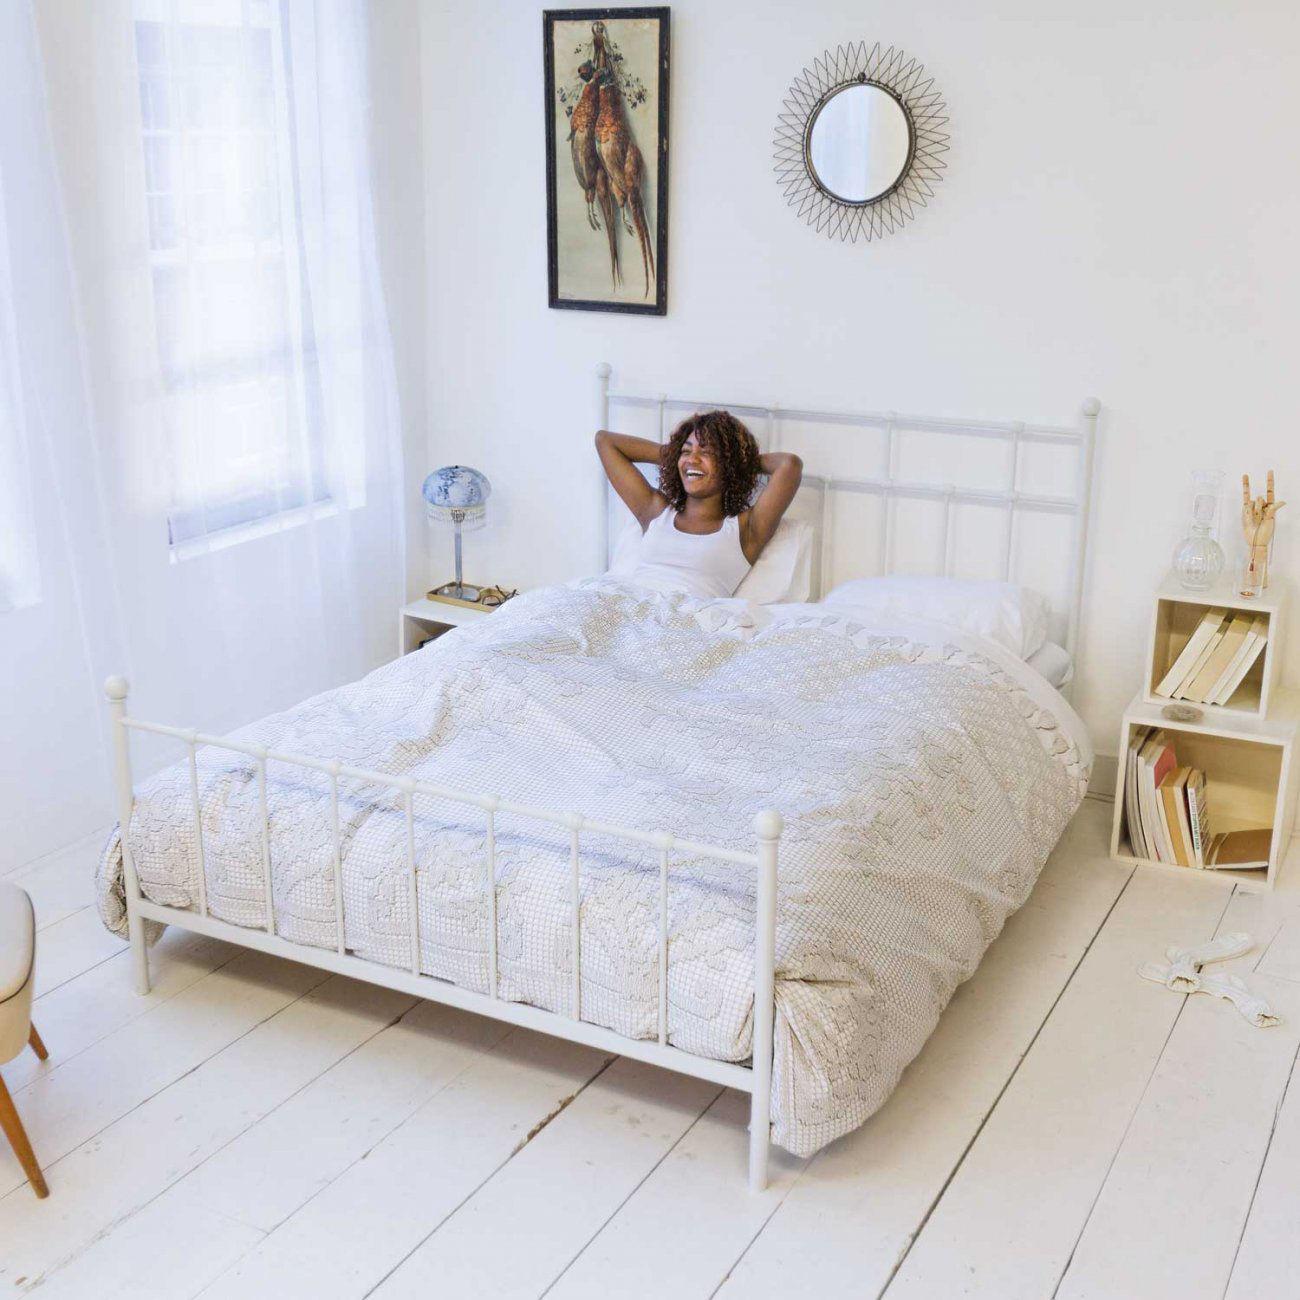 Scopri biancheria da letto 2 persone venice 2 persone 240 x 220 cm uncinetto bianco di - Marche biancheria letto ...